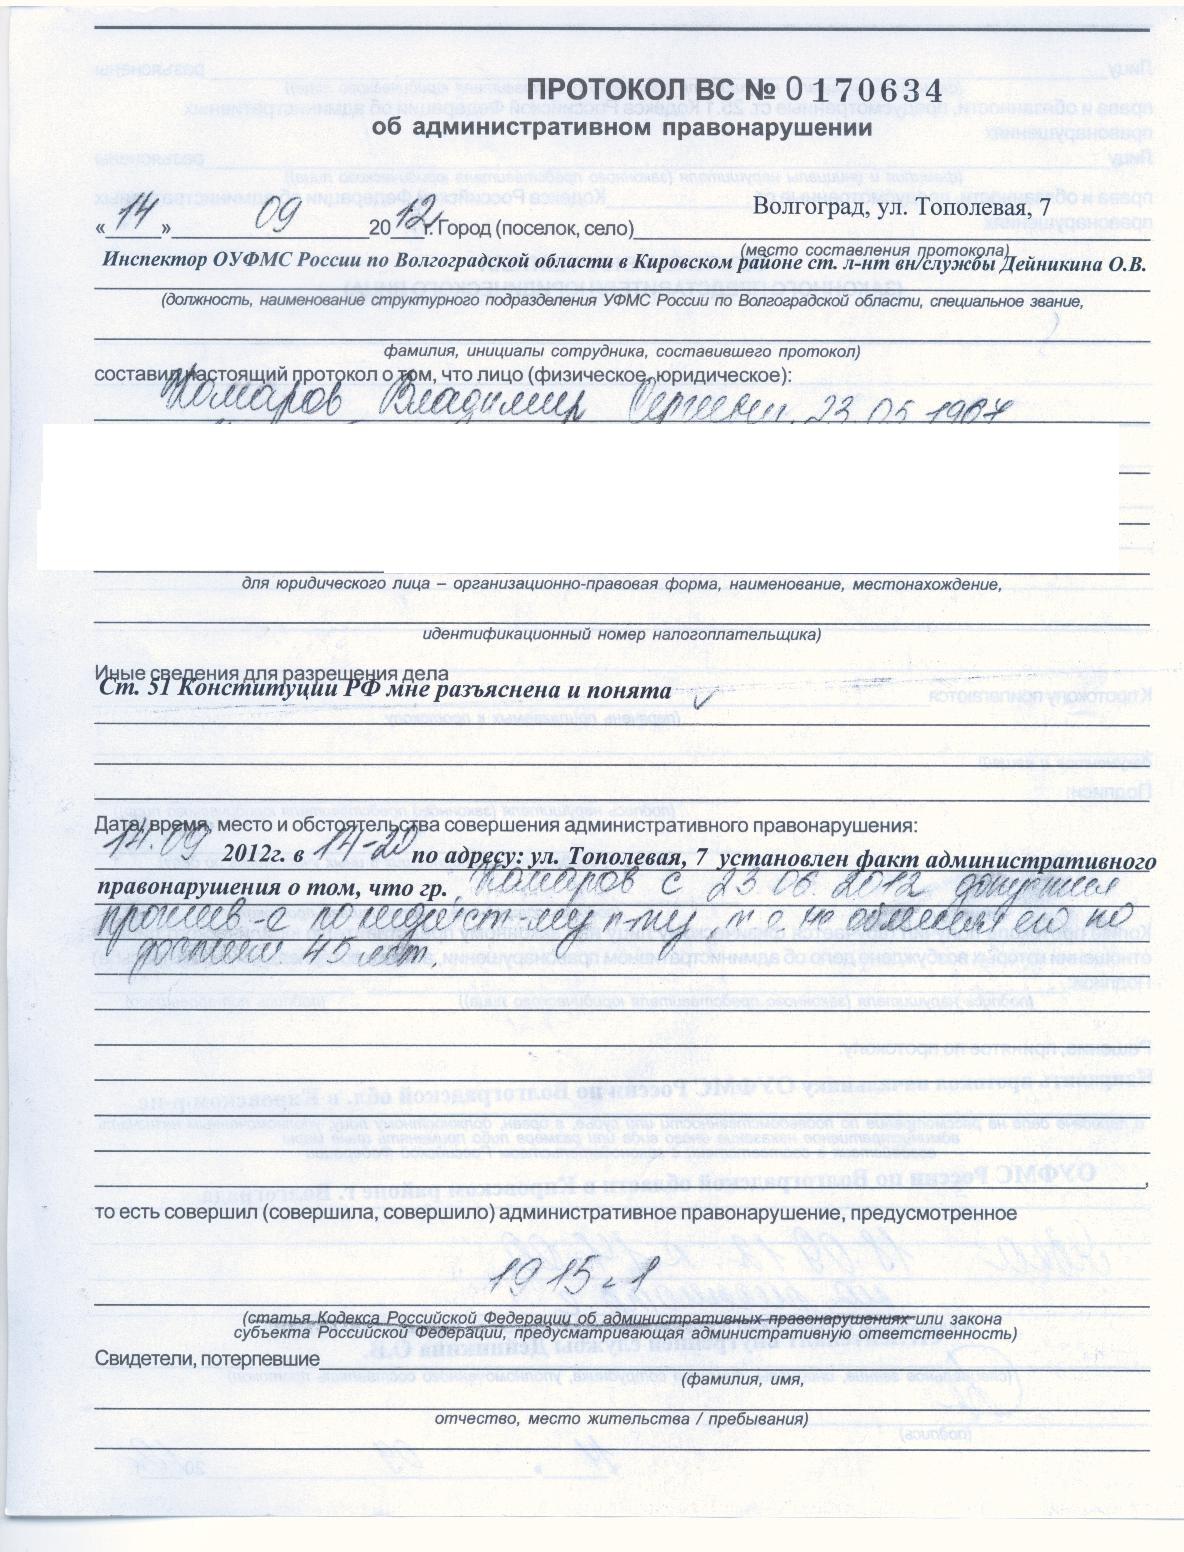 протокола об административном правонарушении бланк: